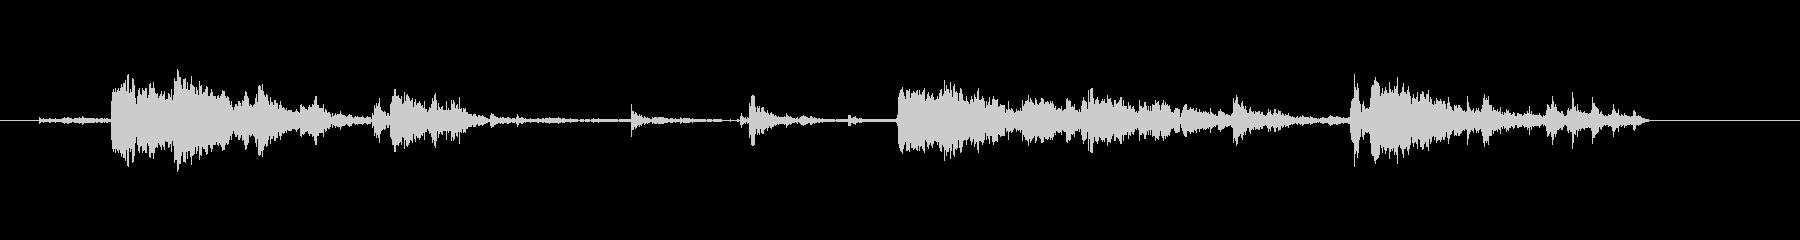 ジャンクフォールアンドクラッシュガ...の未再生の波形